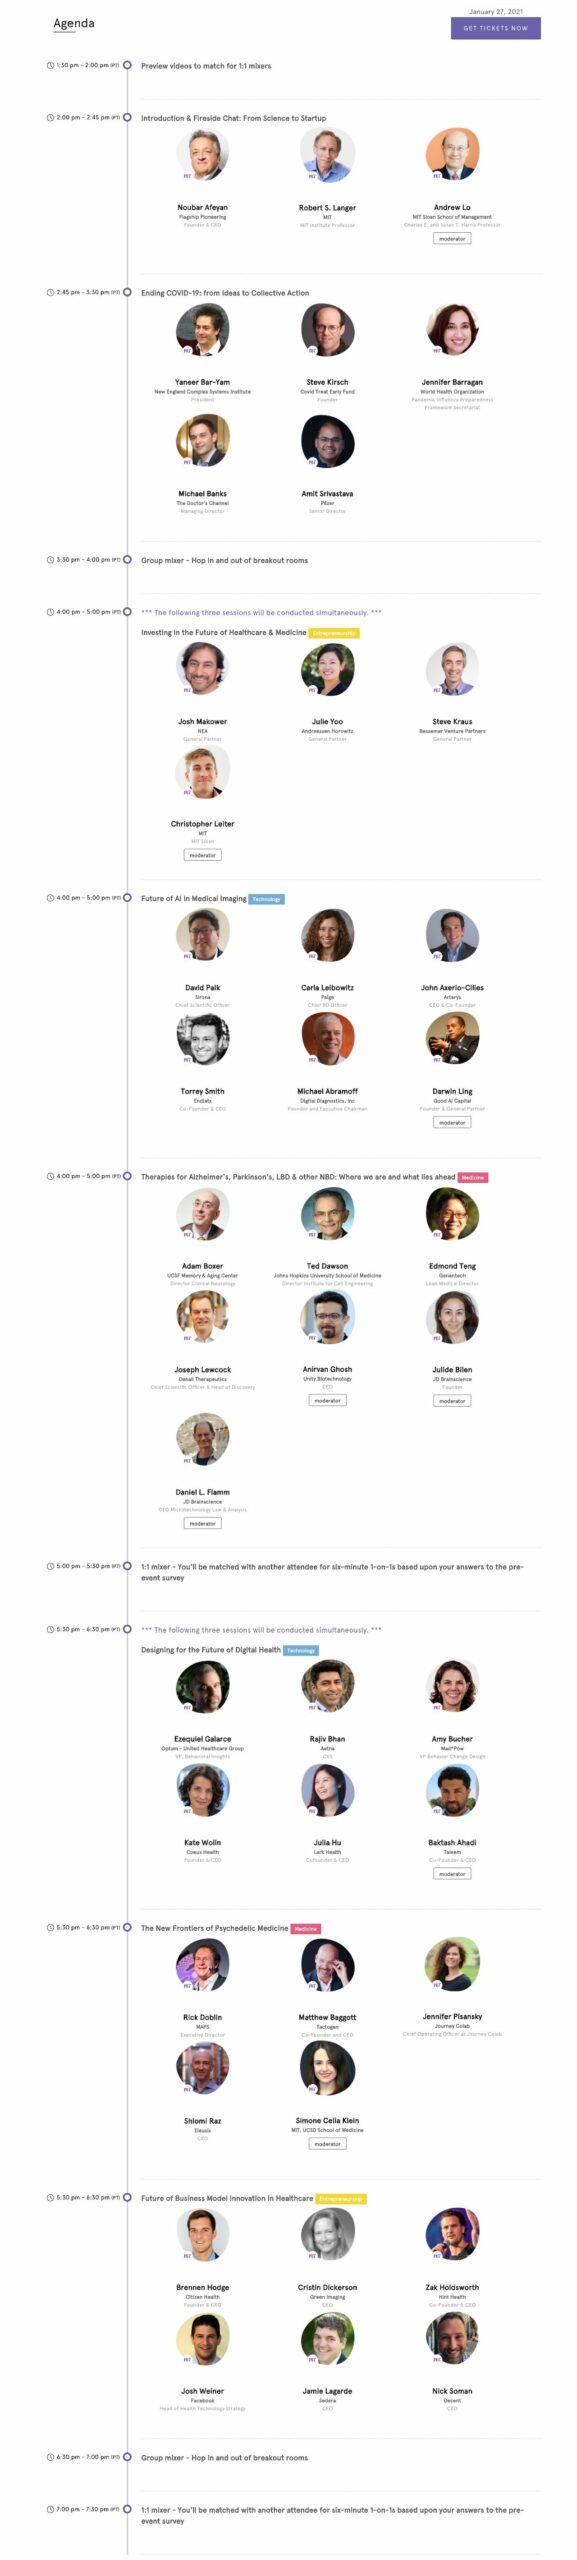 MIT/CNC Future of Healthcare Conference 2021 - Agenda